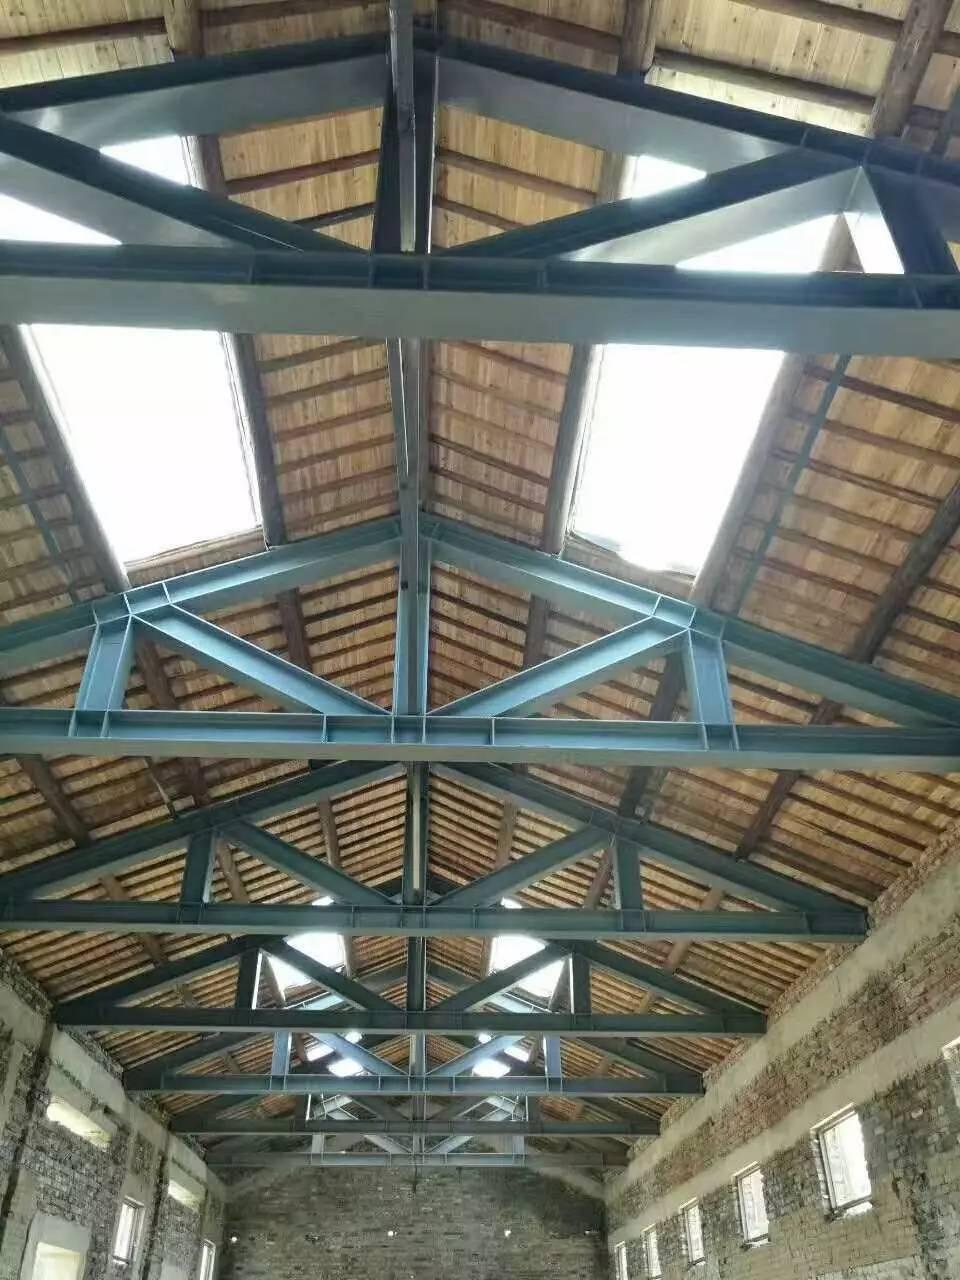 FAKRO屋顶天窗如何让解决自然采光